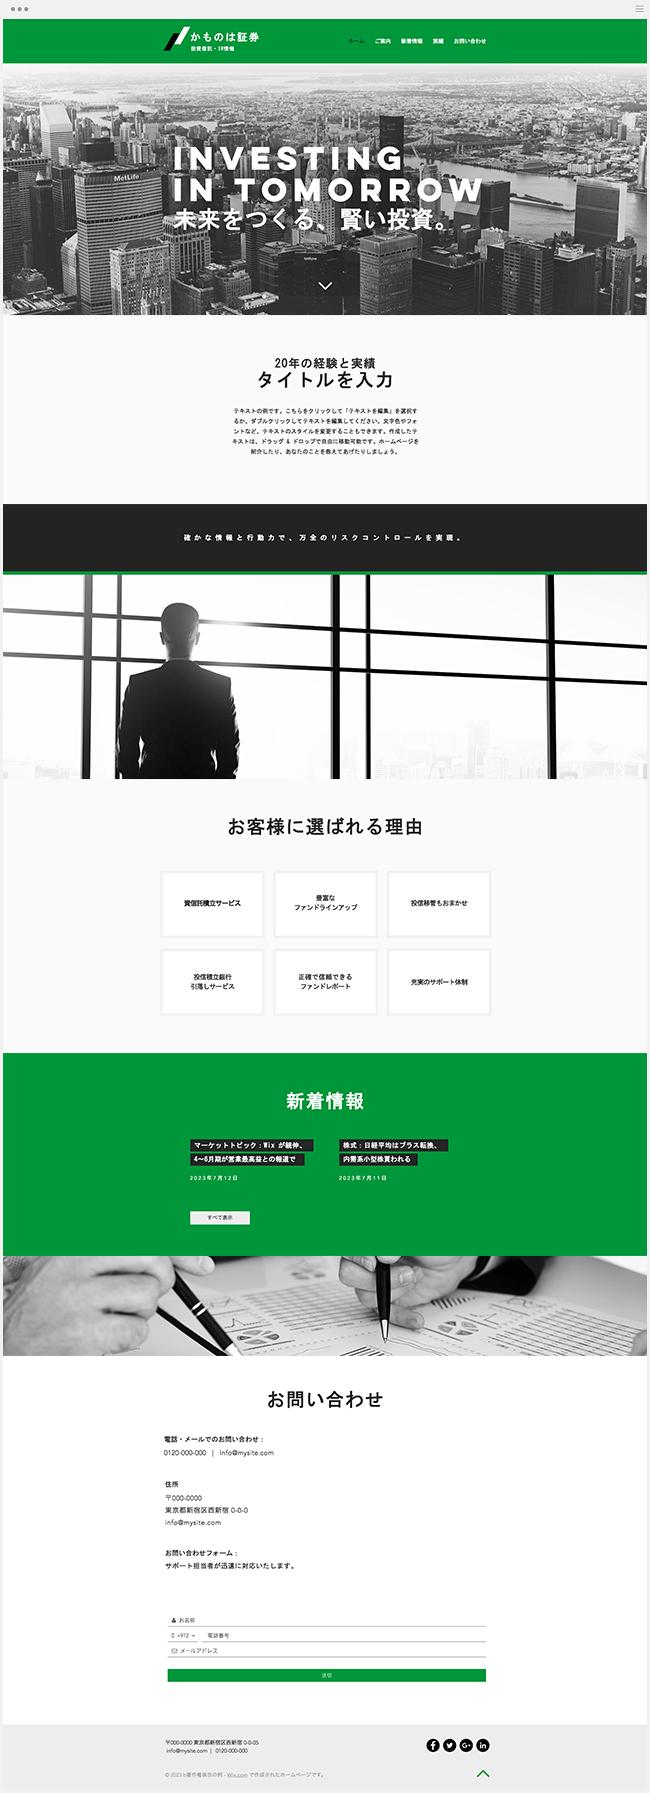 企業向けホームページテンプレート